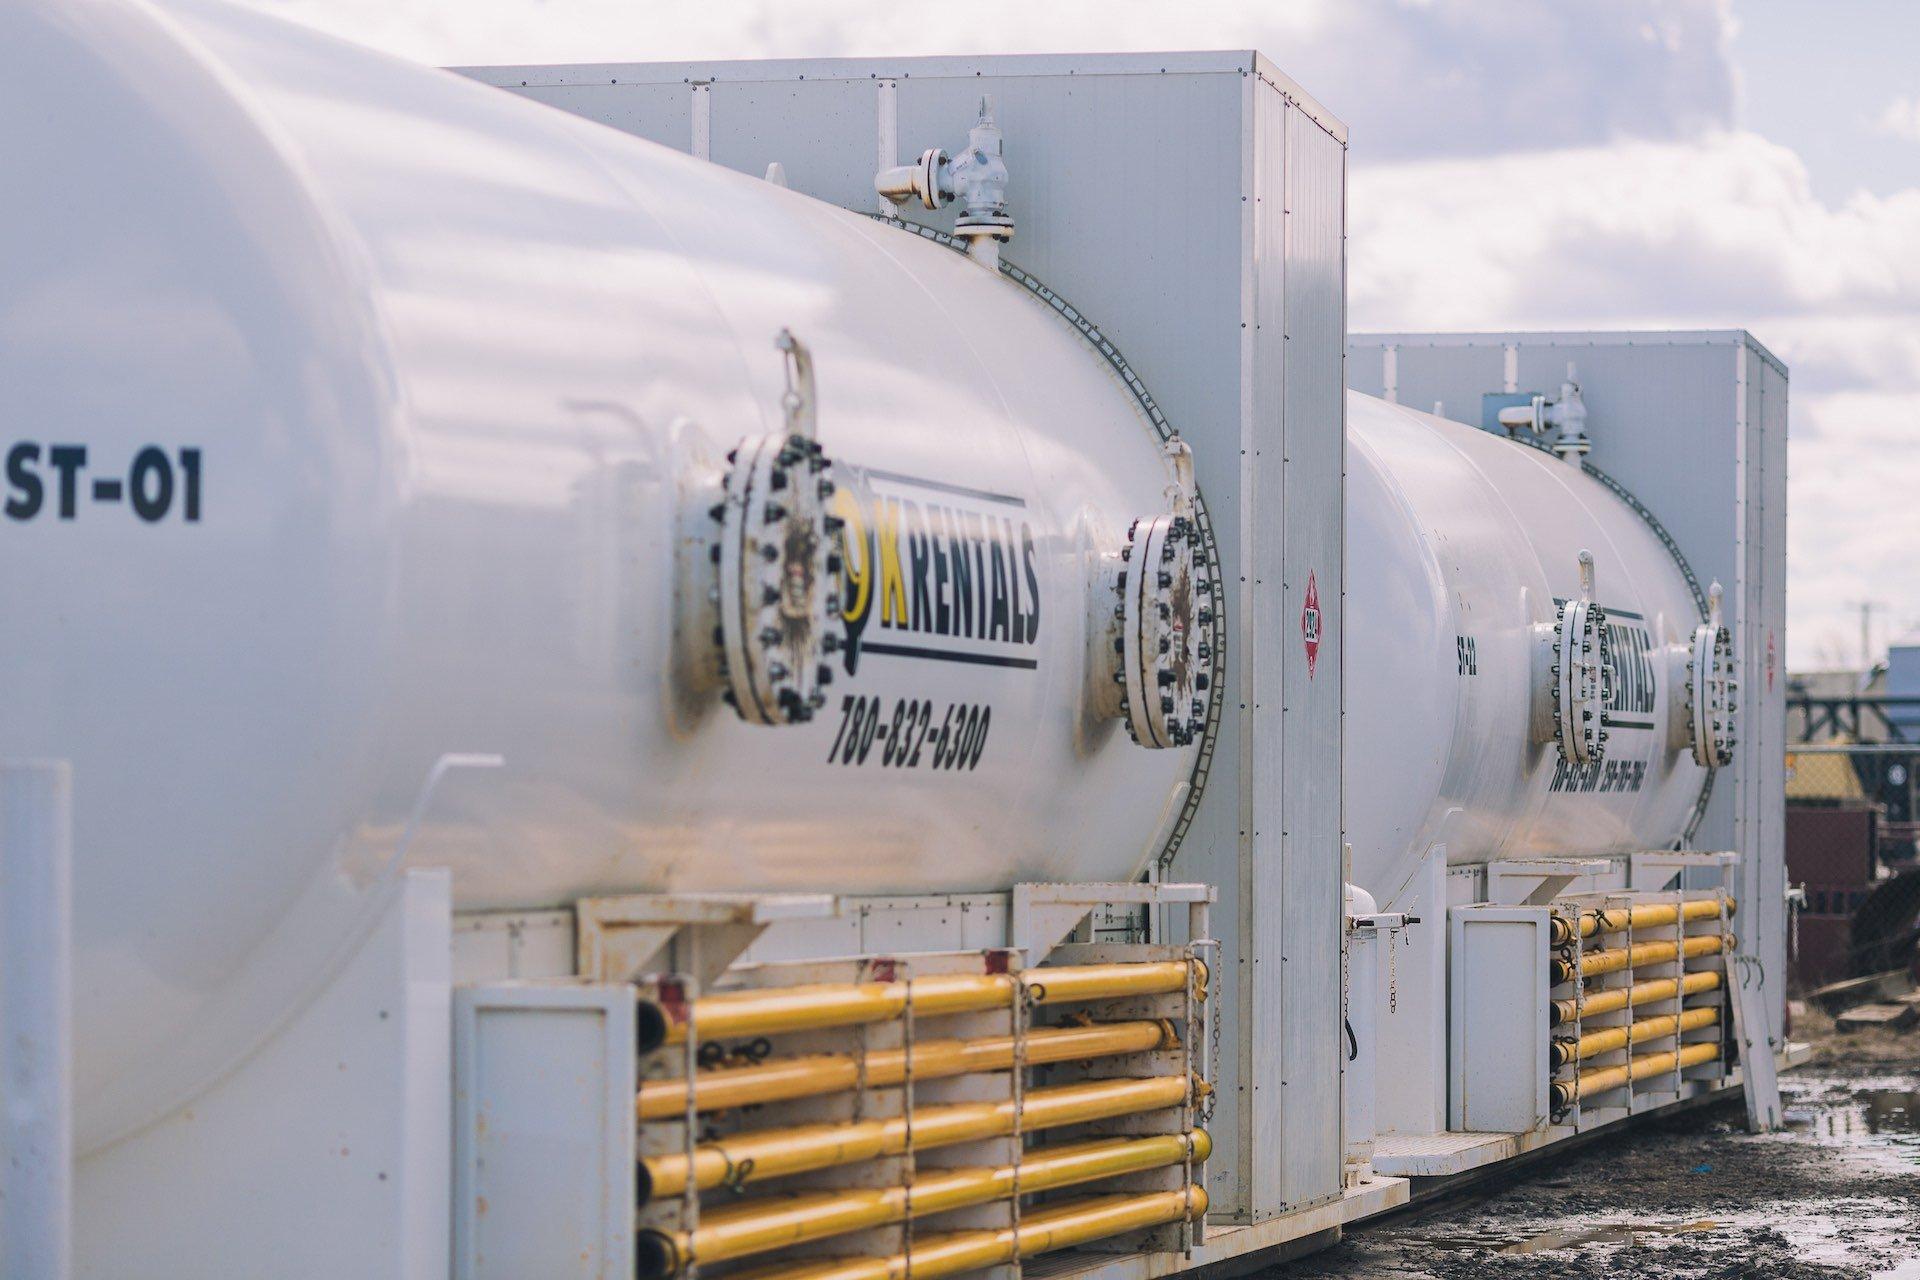 Oilfield rental equipment, 10k rentals